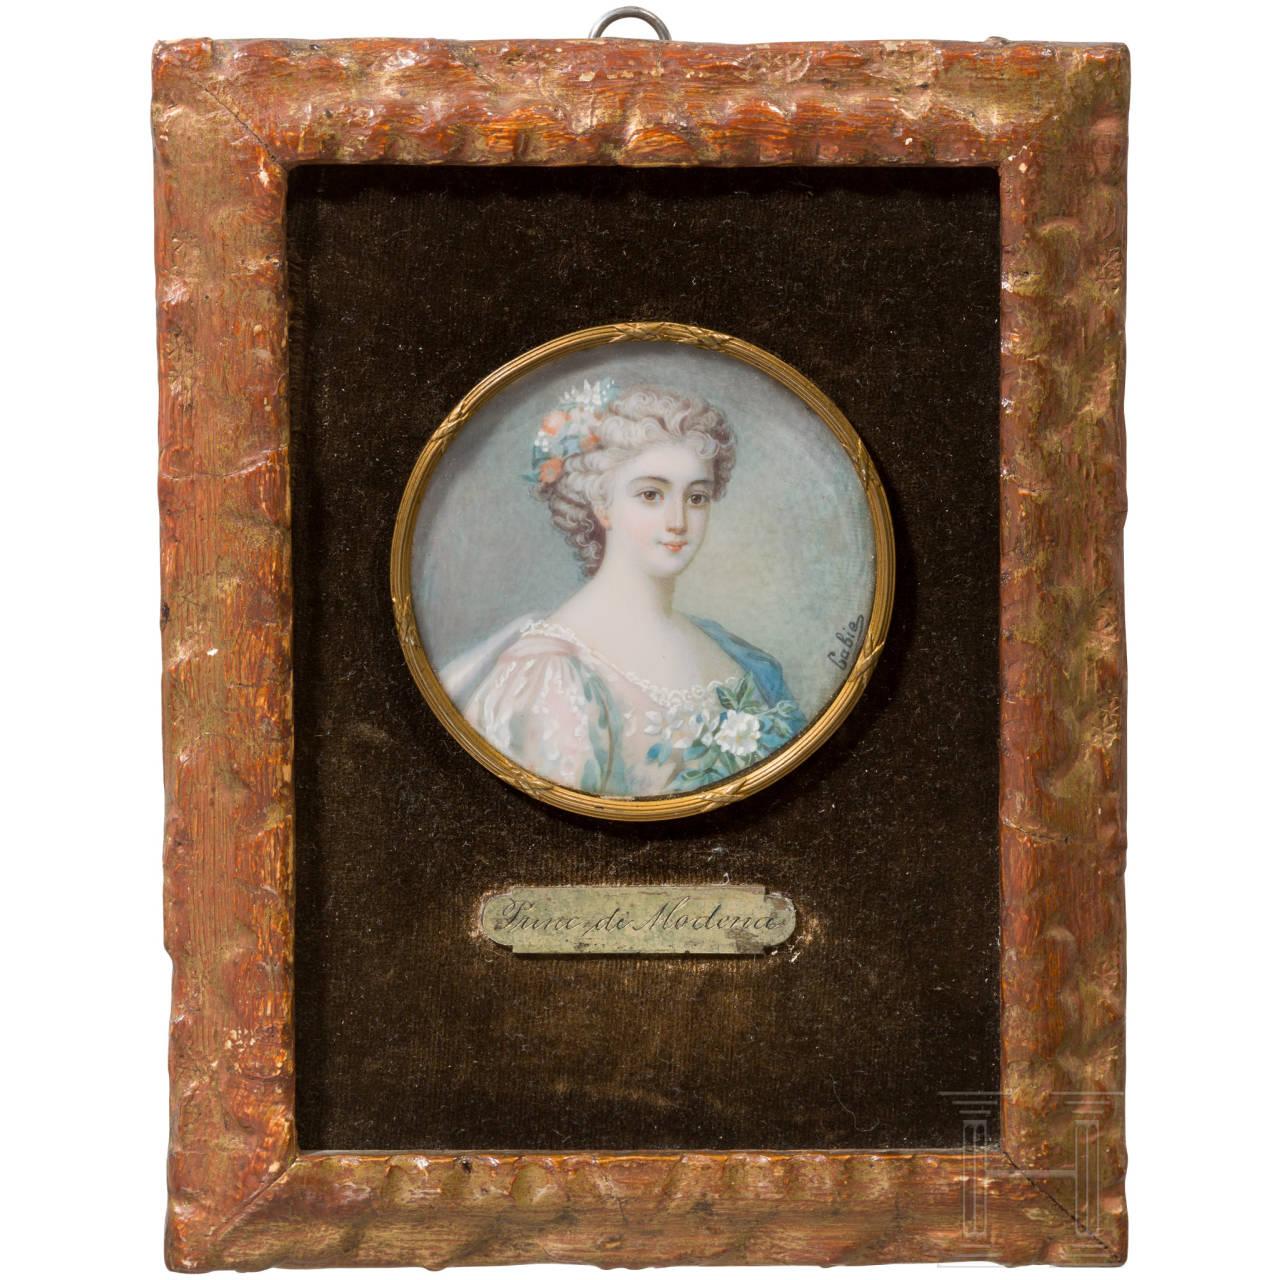 Enrichetta d'Este (1702-77) - miniature portrait of the Princess of Modena